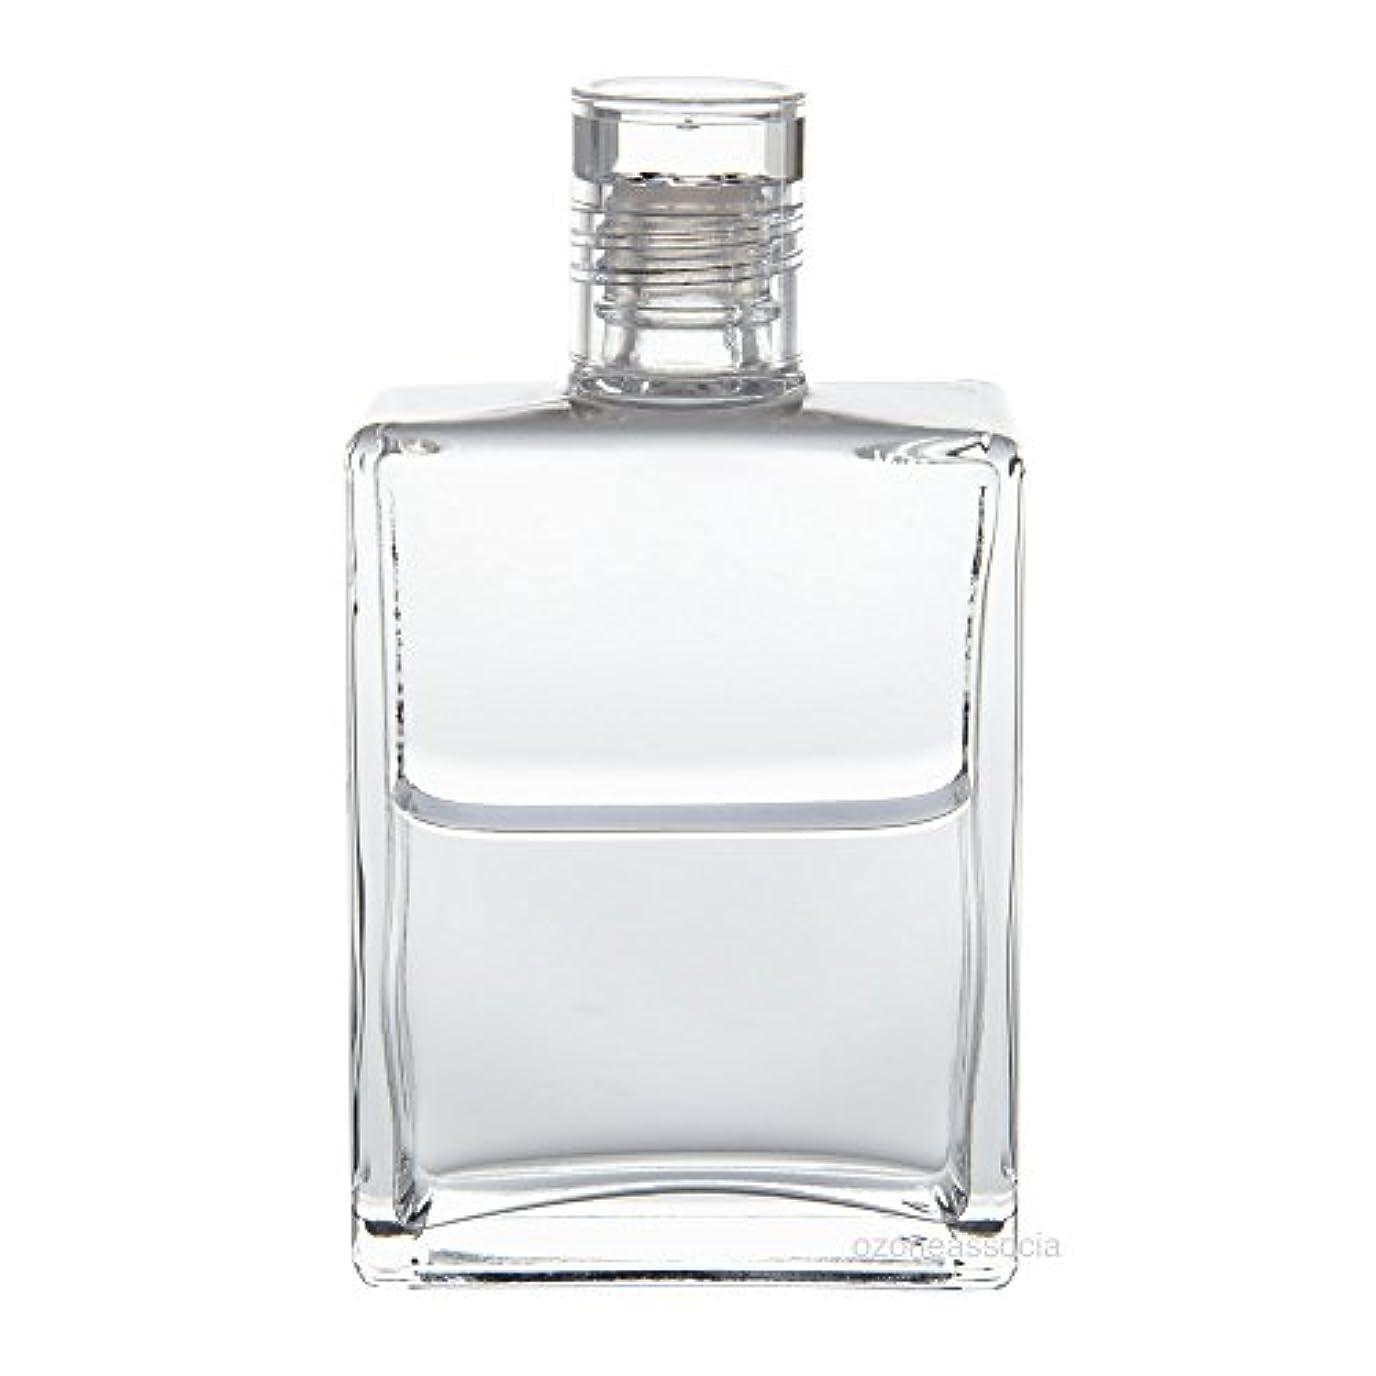 出力原始的なレーザオーラソーマ ボトル 54番  セラピスベイ (クリアー/クリアー) イクイリブリアムボトル50ml Aurasoma